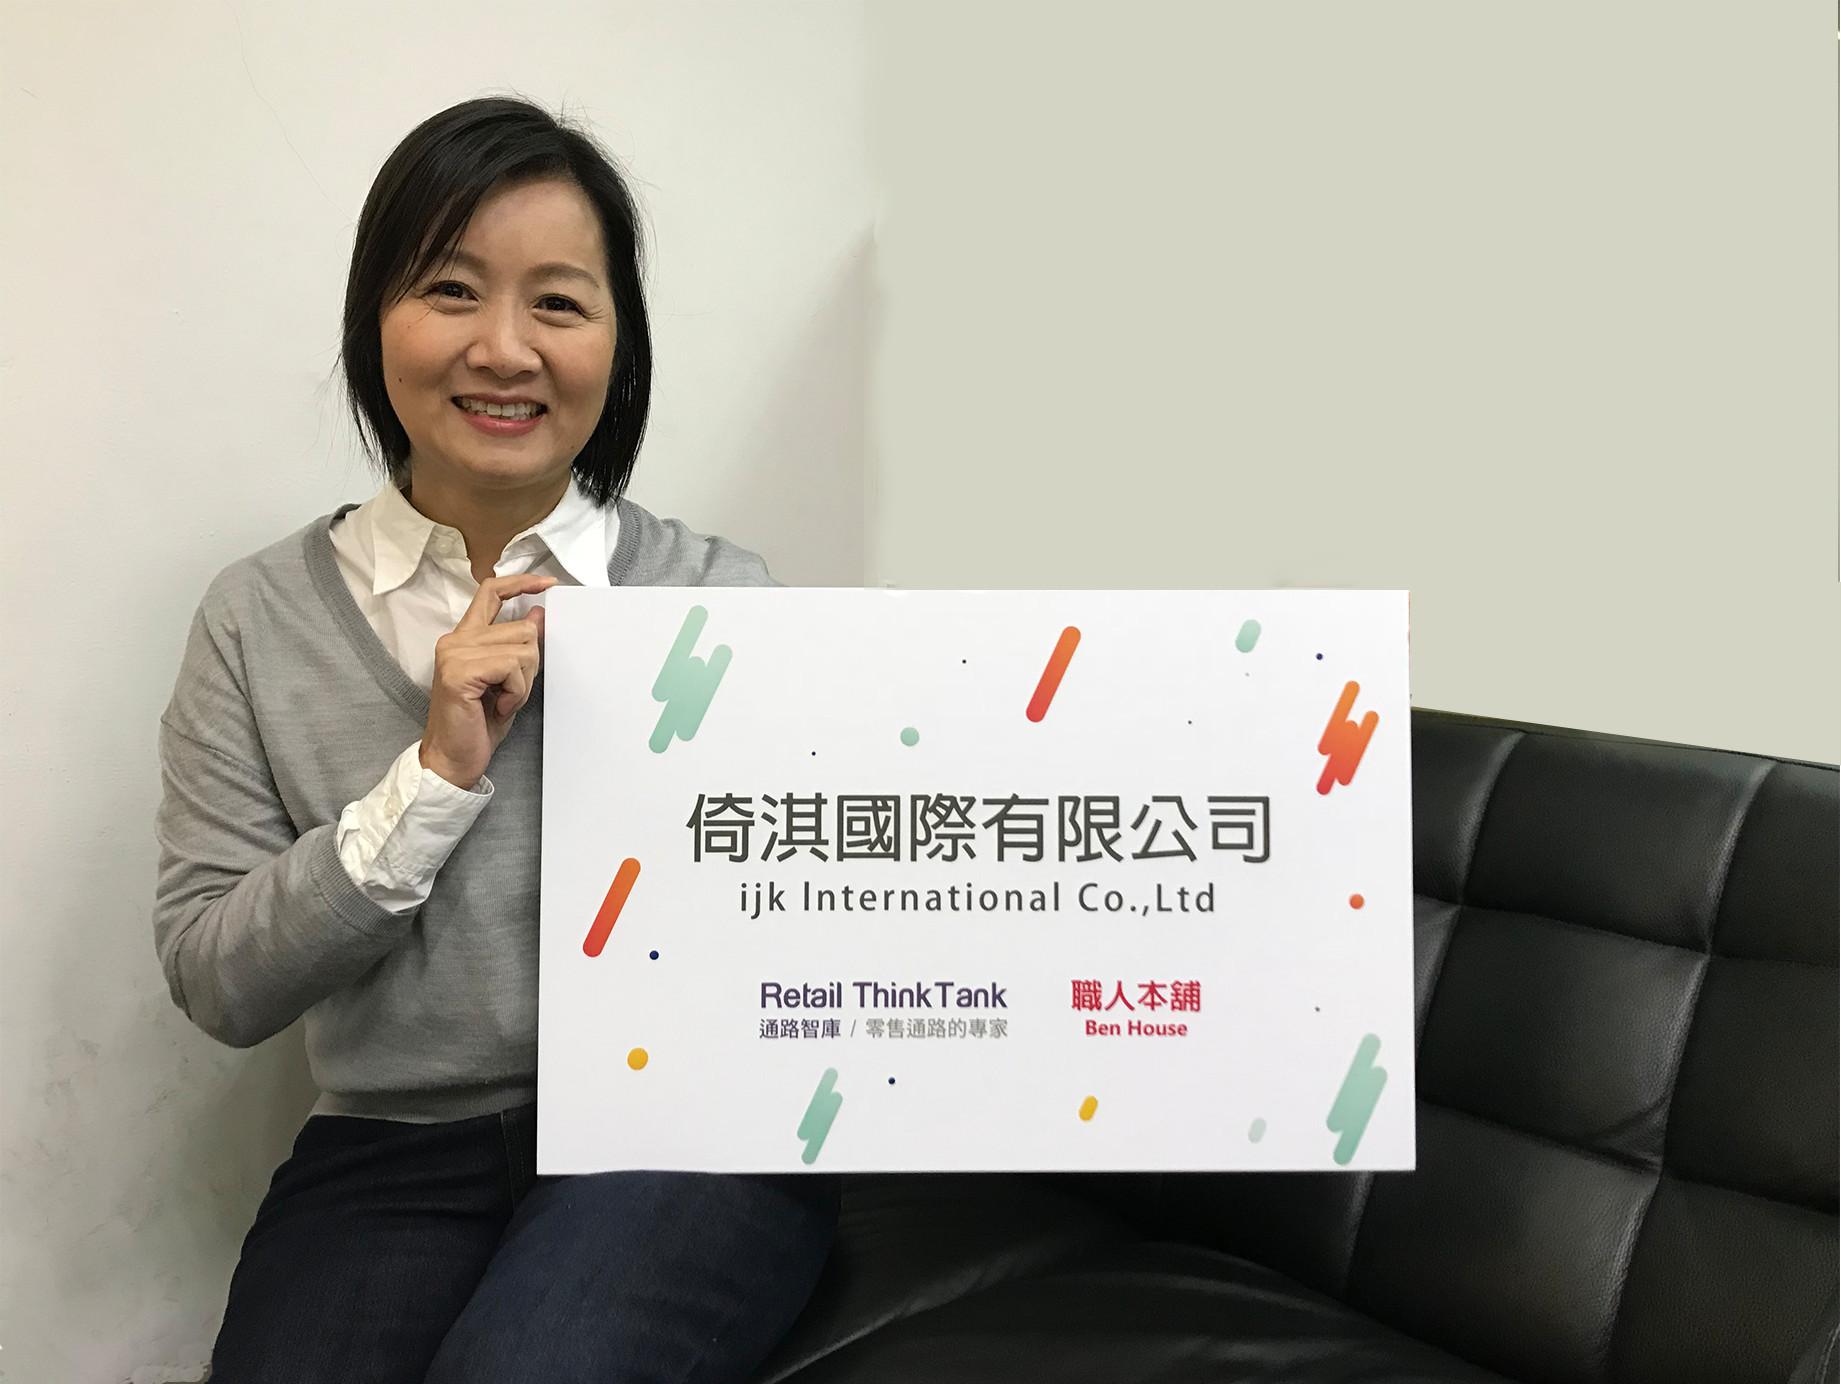 台灣自媒體協會企業報導》傳產轉型做通路品牌,倚淇國際3面向創新通路零售